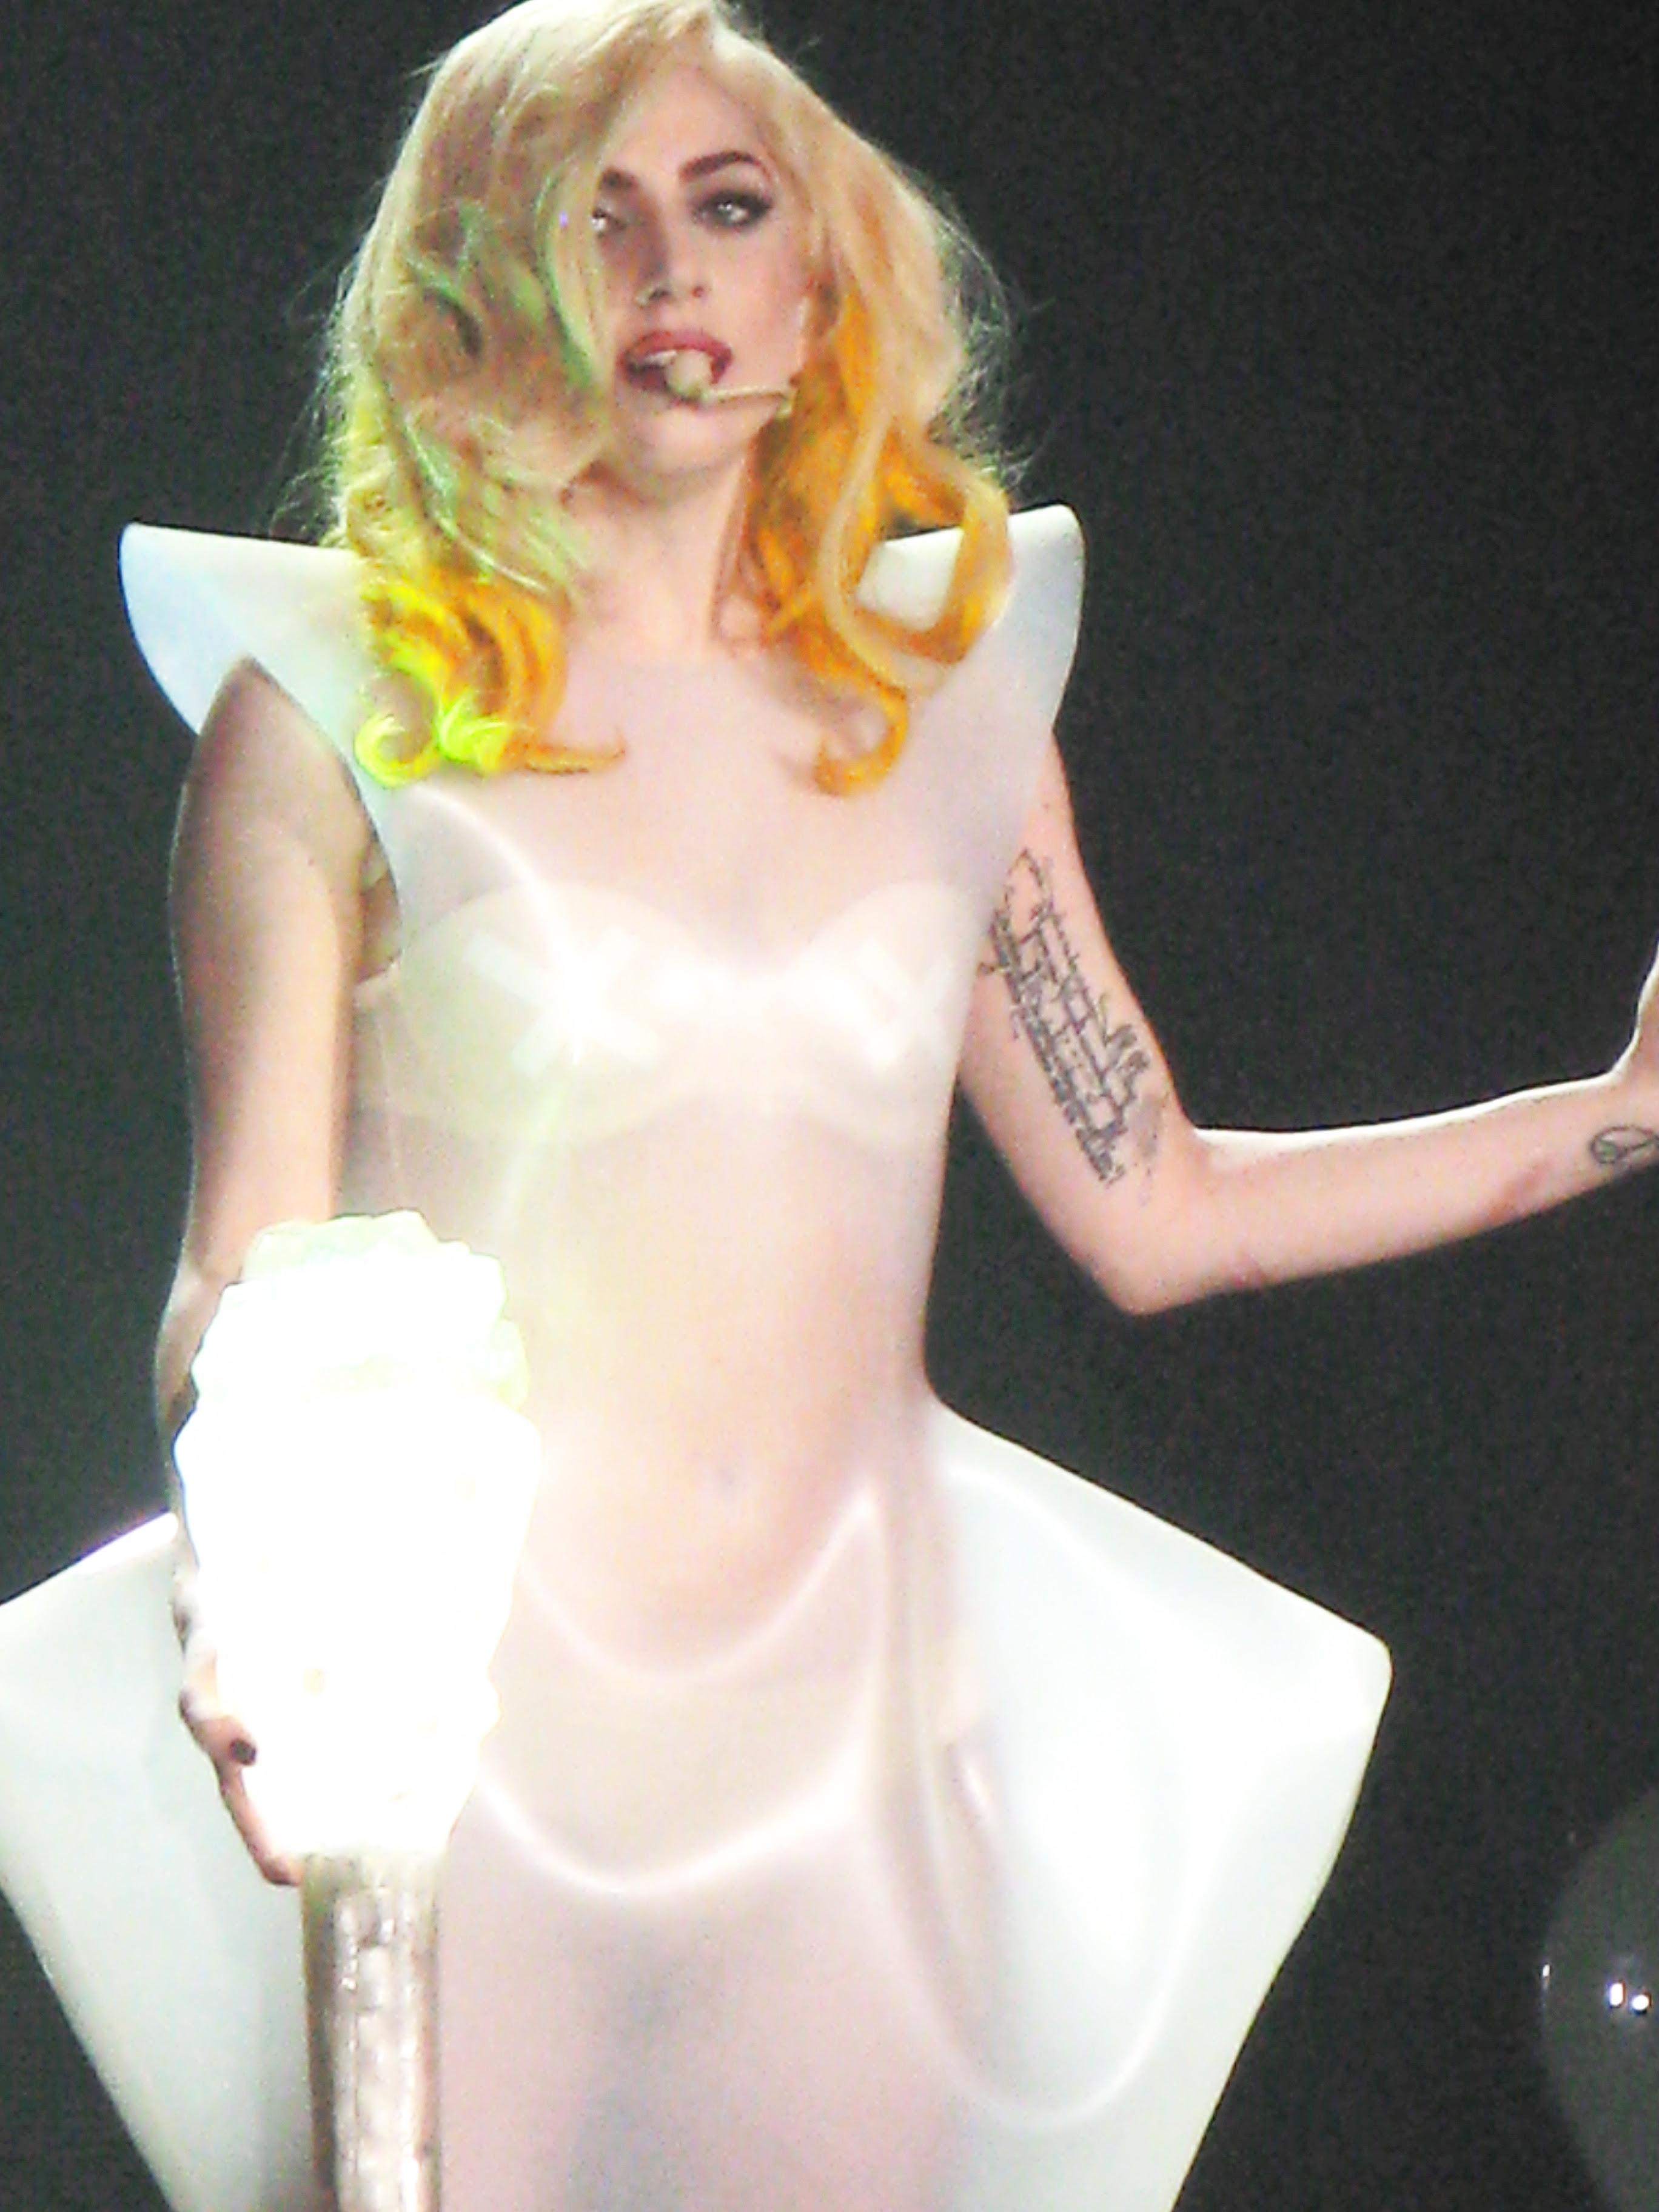 http://upload.wikimedia.org/wikipedia/commons/0/0e/Gaga-monster-ball-uk-lovegame.jpg